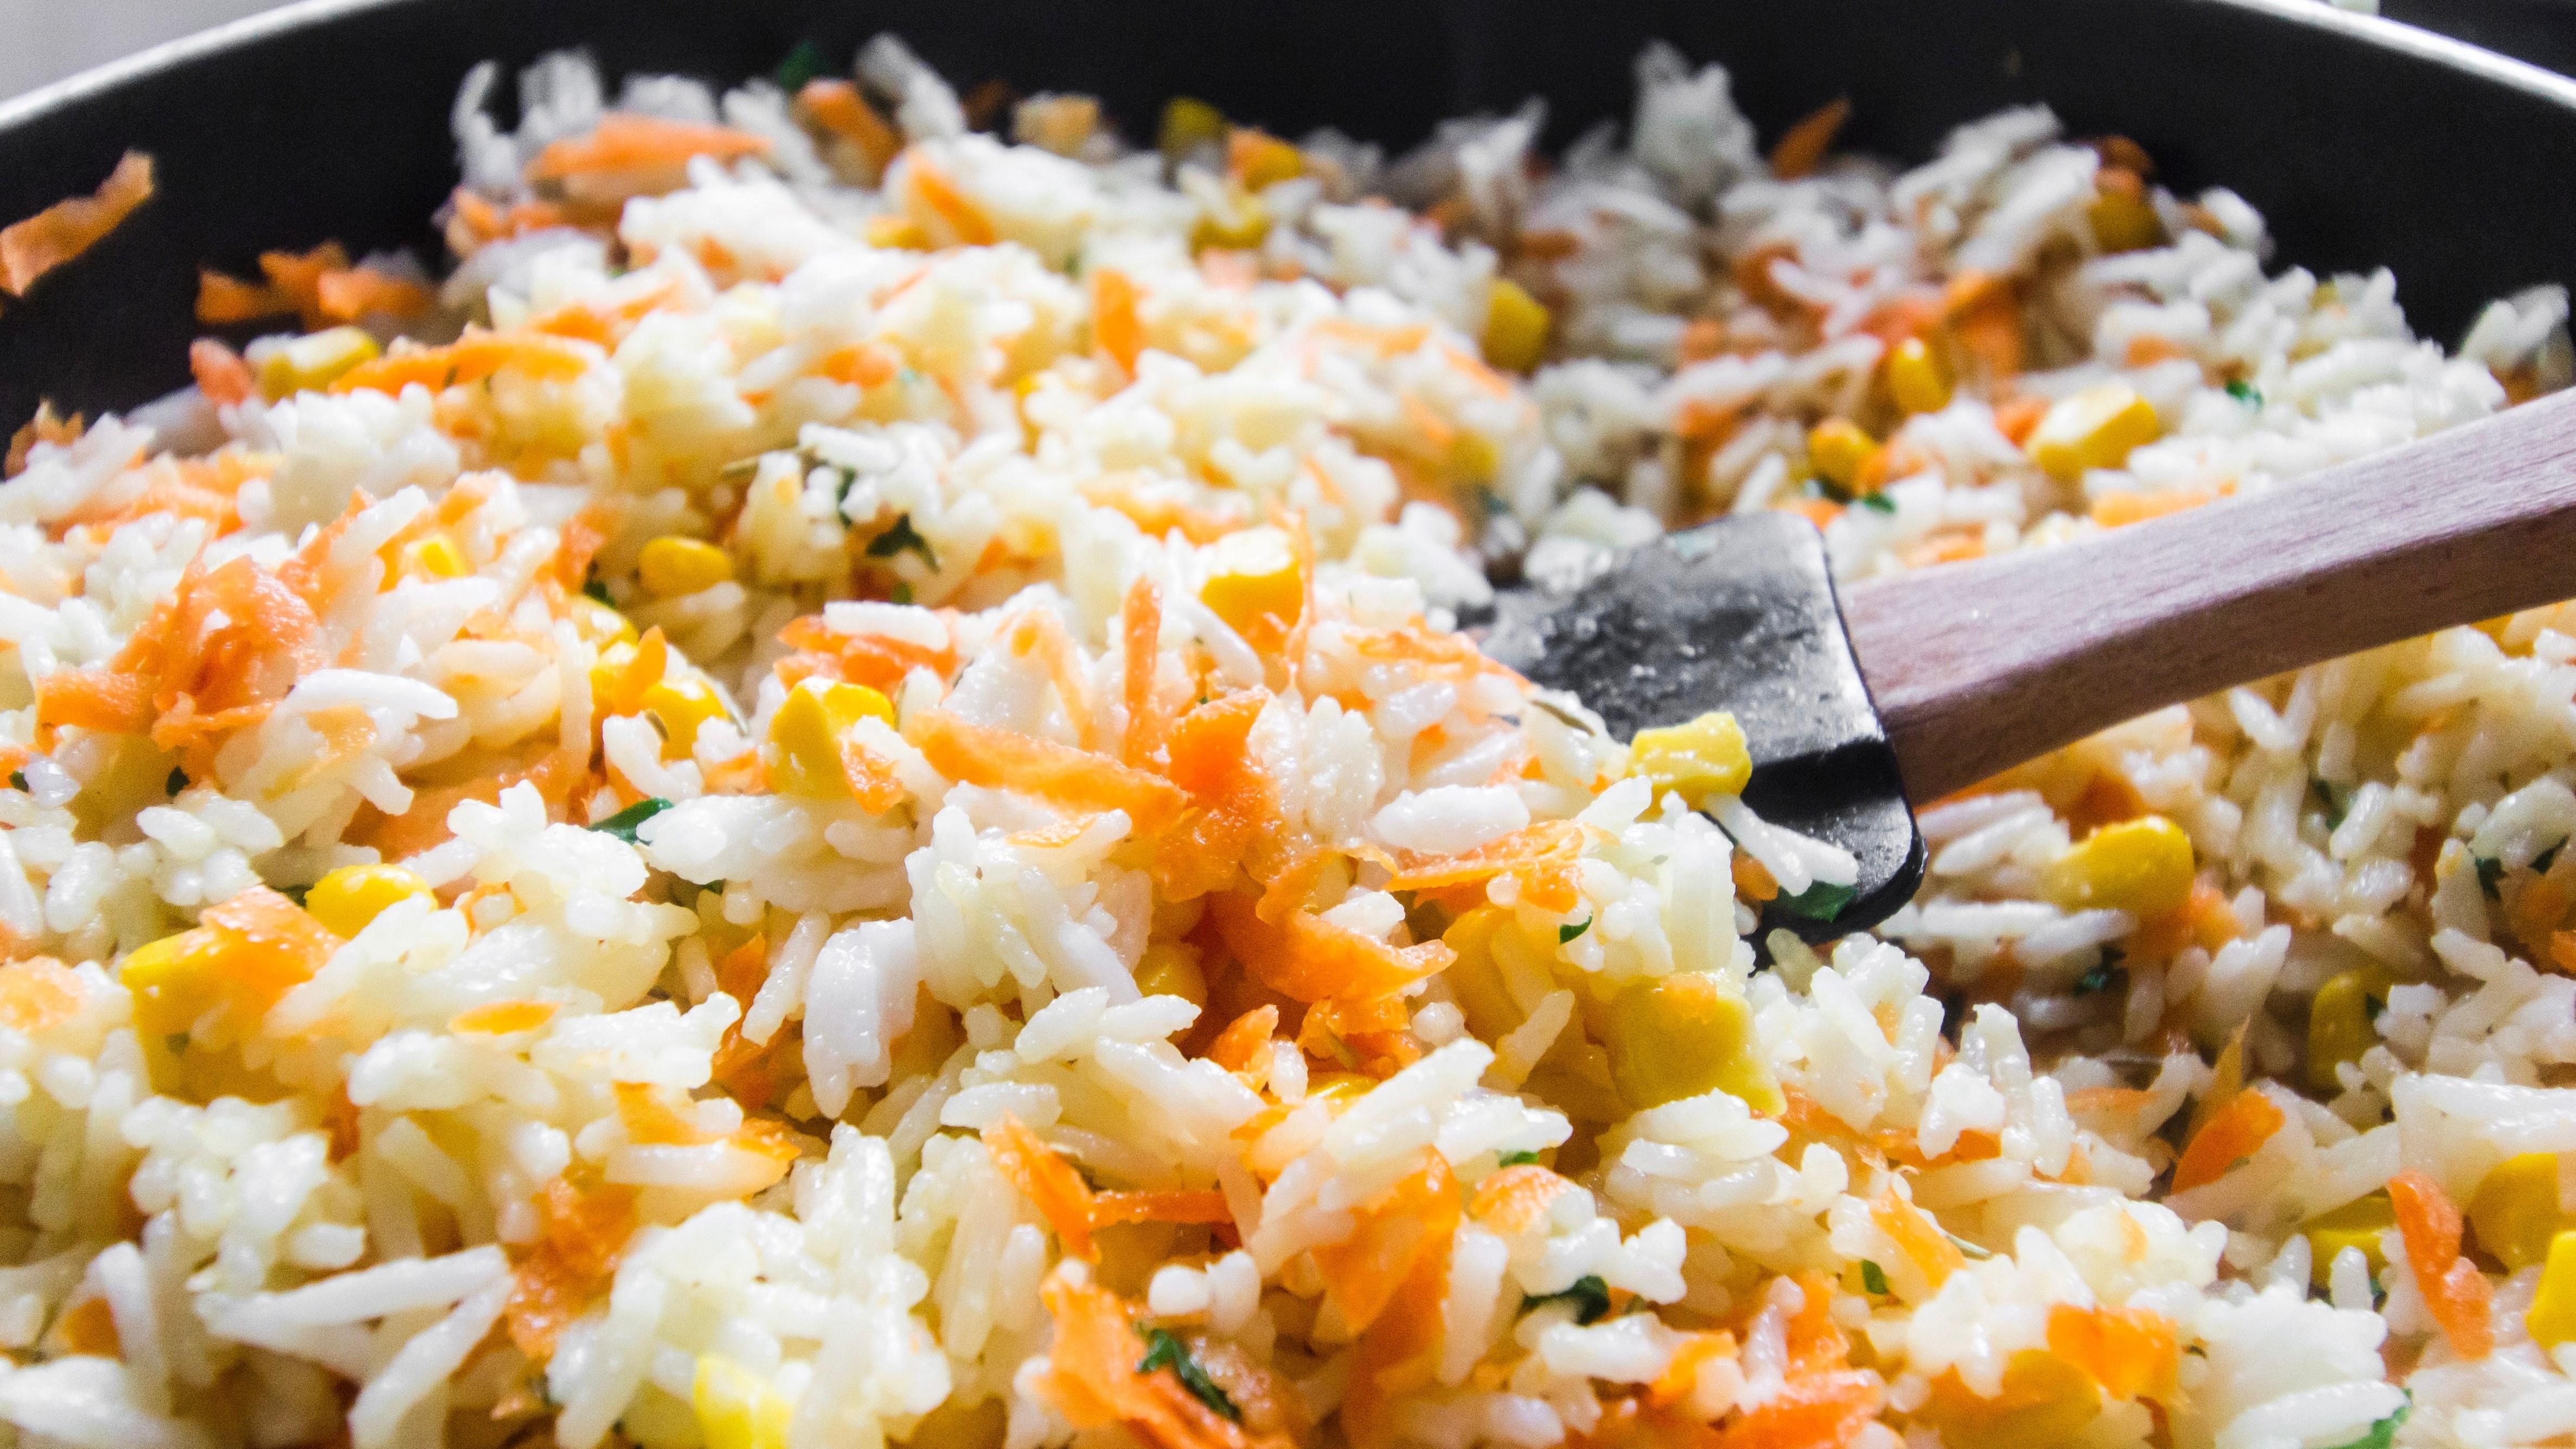 Bratreis ist ein ideales Rezept, um Reisreste zu verwerten